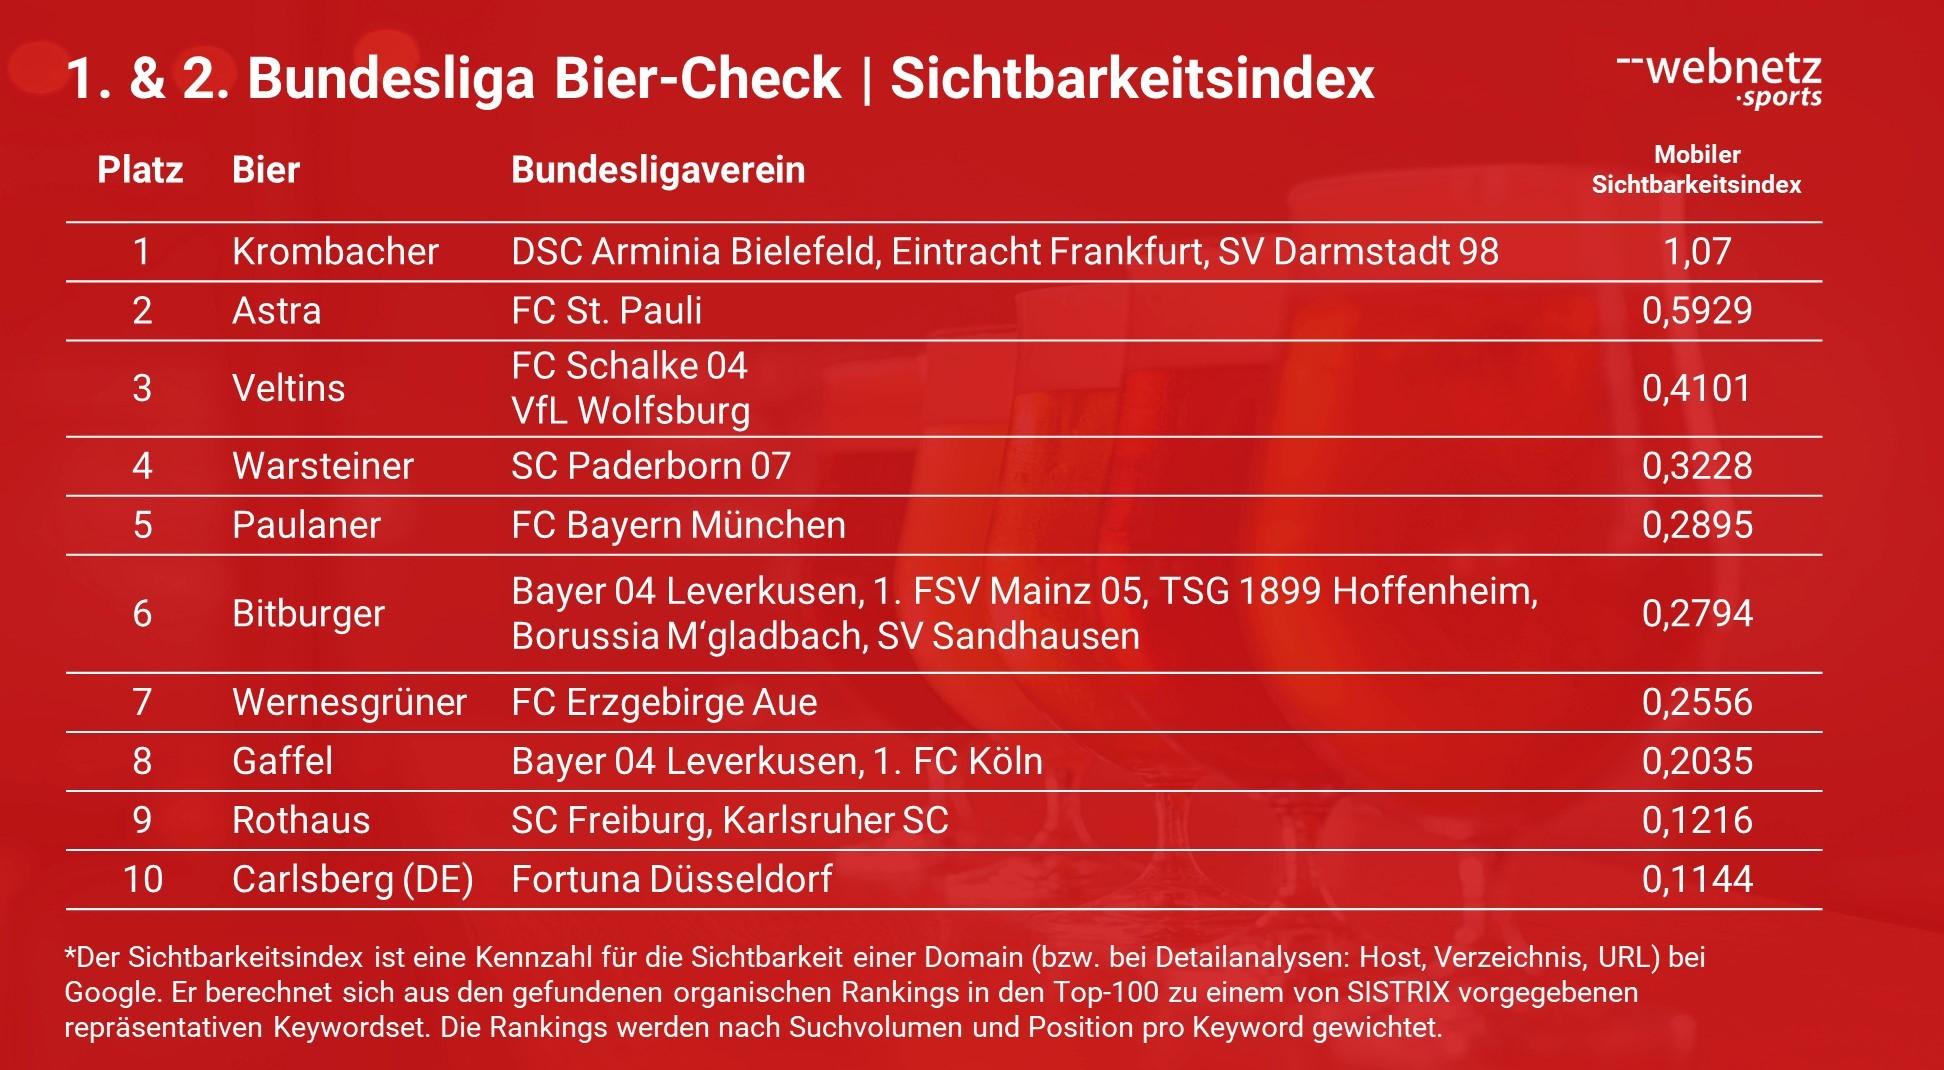 Ranking der Bundesligasponsoren in der Bierbranche mit Hilfe des mobilen Sichtbarkeitsindex.